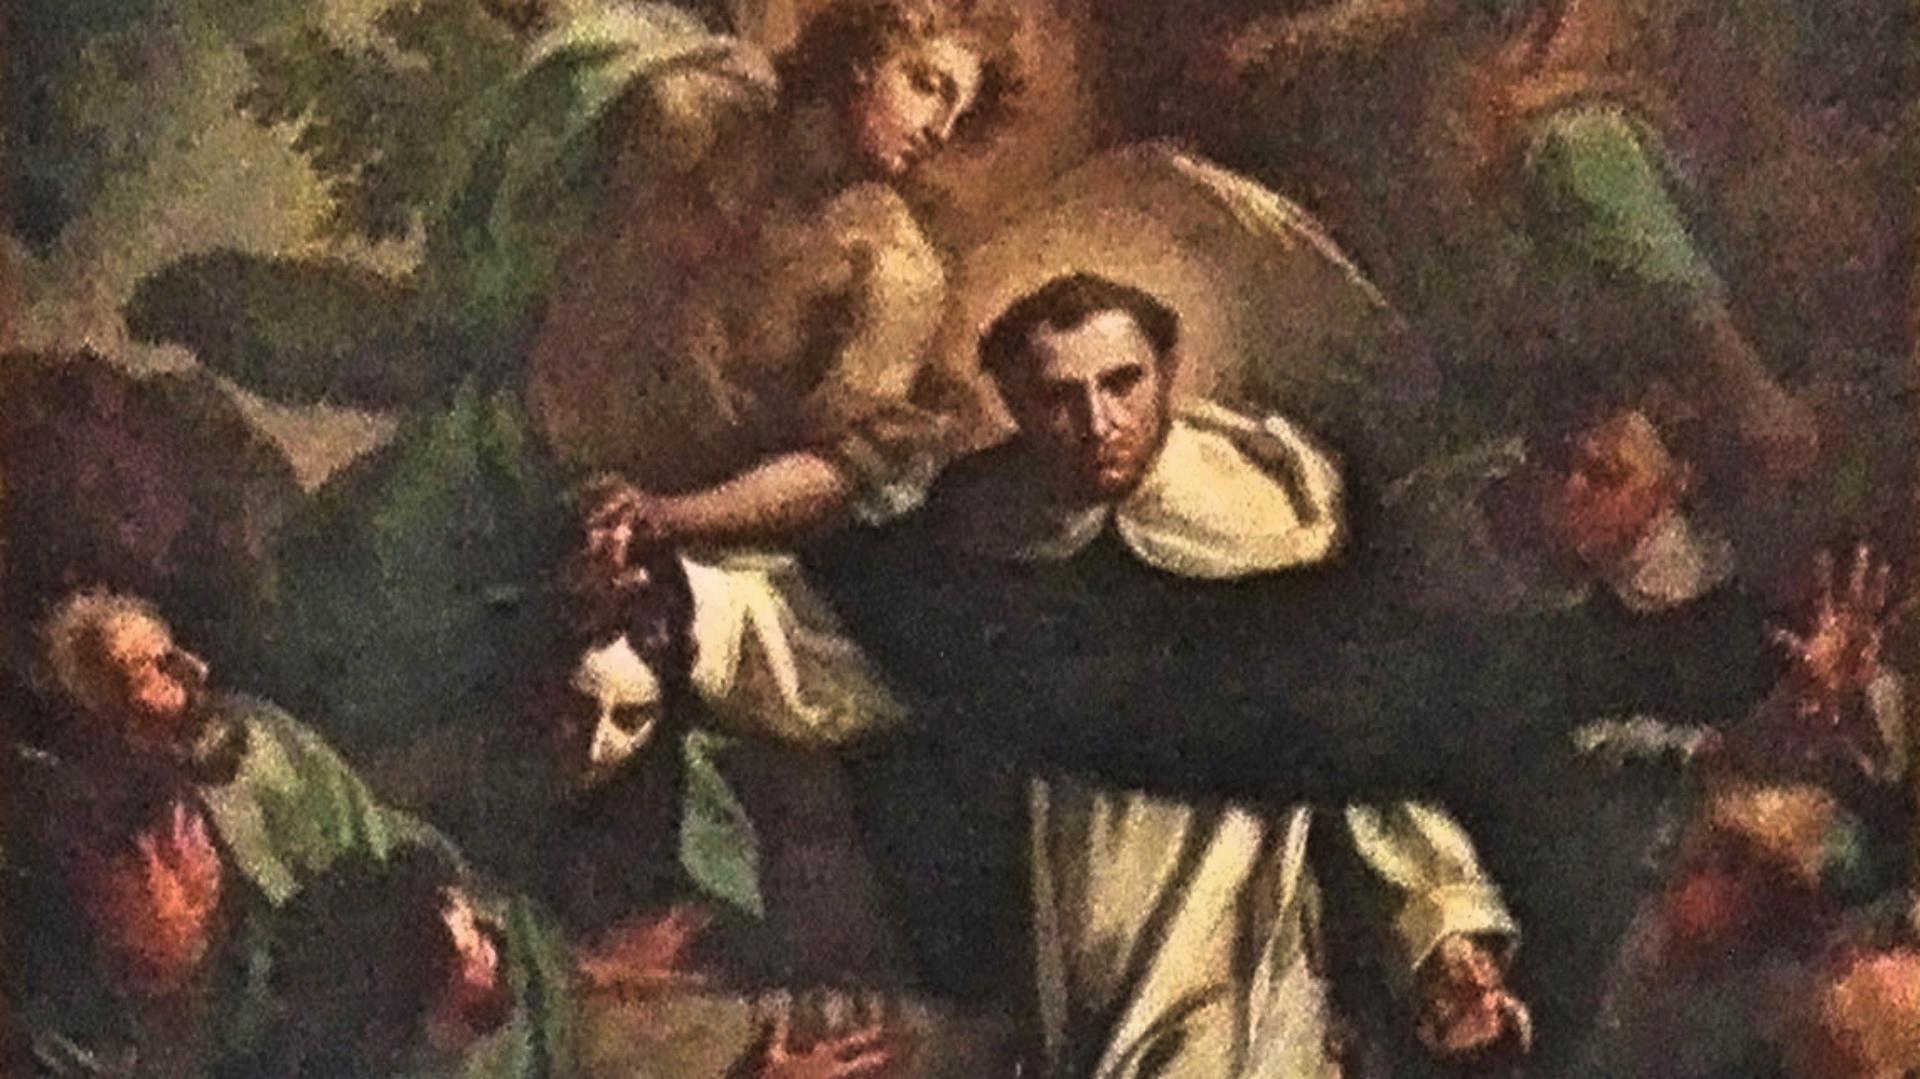 John Piper risalente a un non cristiano